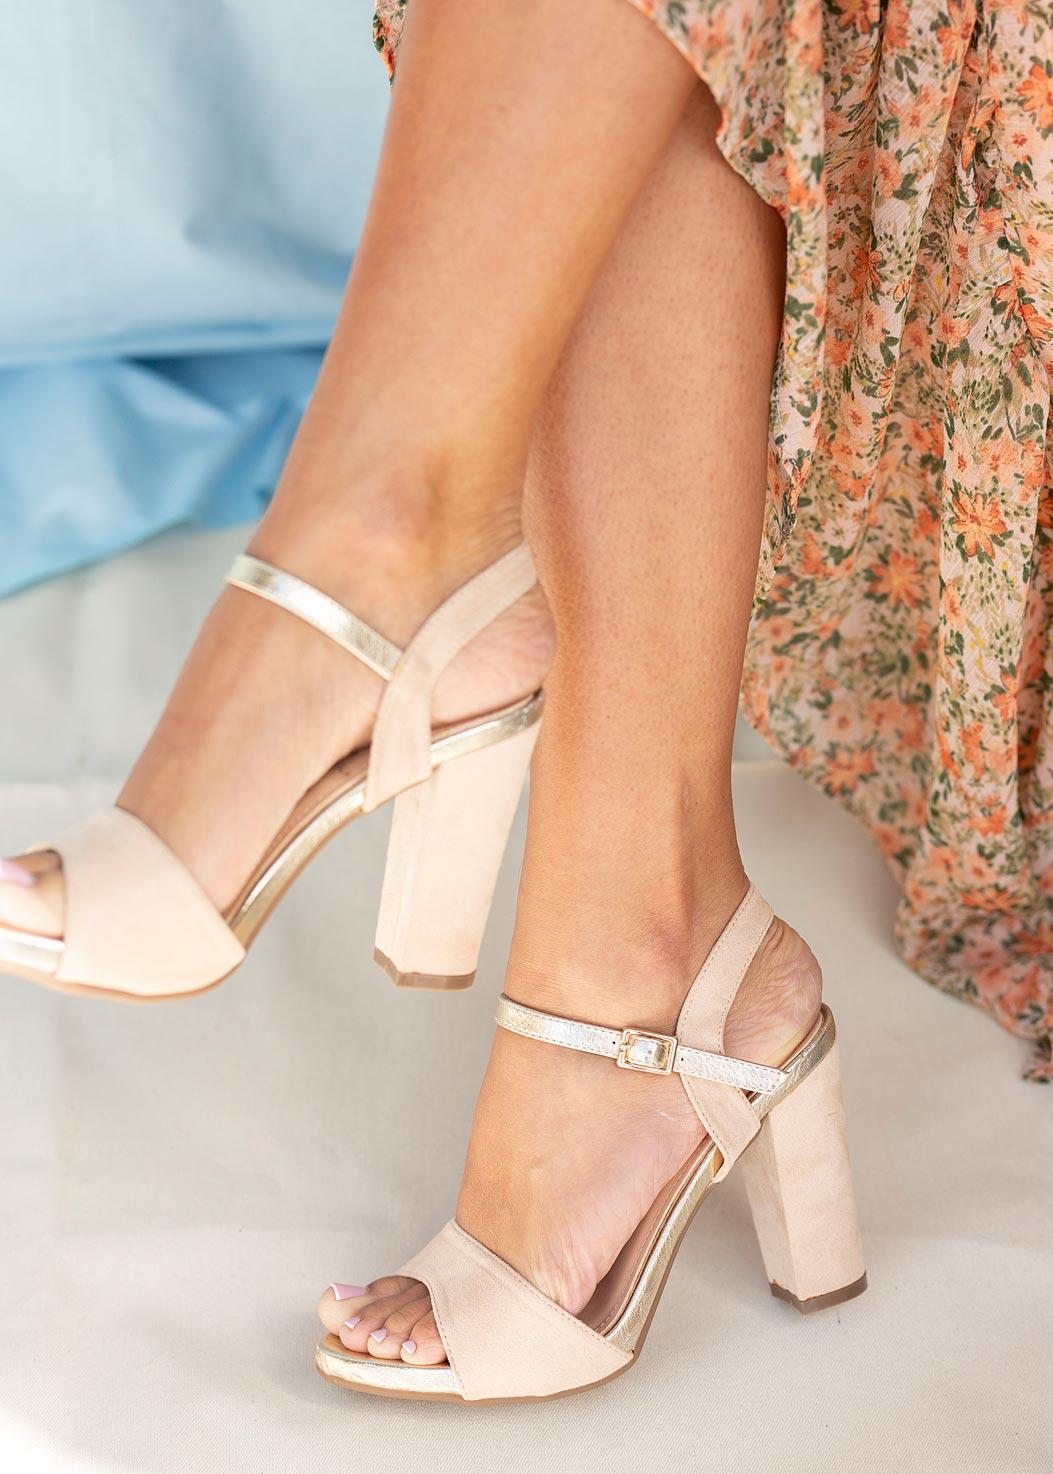 Beżowe sandały Casu na szerokim słupku ER20X1/BE kolor jasny beżowy, złoty